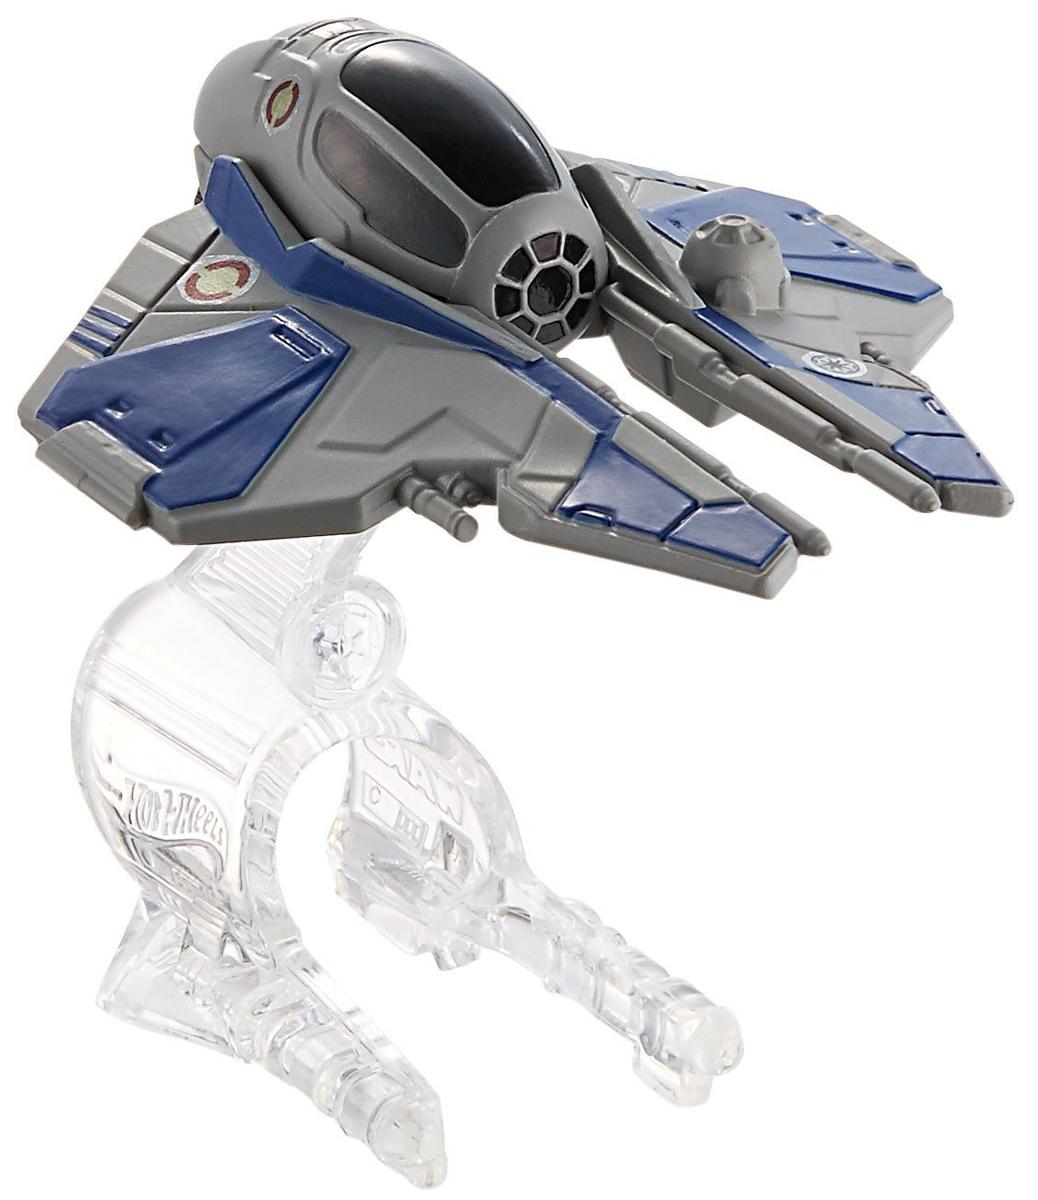 """Звездный корабль Hot Wheels """"Jedi Starfighter"""" непременно приведет в восторг поклонника фантастической саги """"Звездные воины"""". В комплекте звездный корабль и подставка. Надевайте на руку устройство Flight Navigator и запускайте корабль в полет по комнате, прямо как в гиперпространстве, или устраивайте яростные космические сражения. Flight Navigator можно также использовать как подставку для игрушек. Звездолеты совместимы с игровыми наборами Hot Wheels Star Wars (продаются отдельно). Порадуйте своего ребенка такой необычной игрушкой!"""